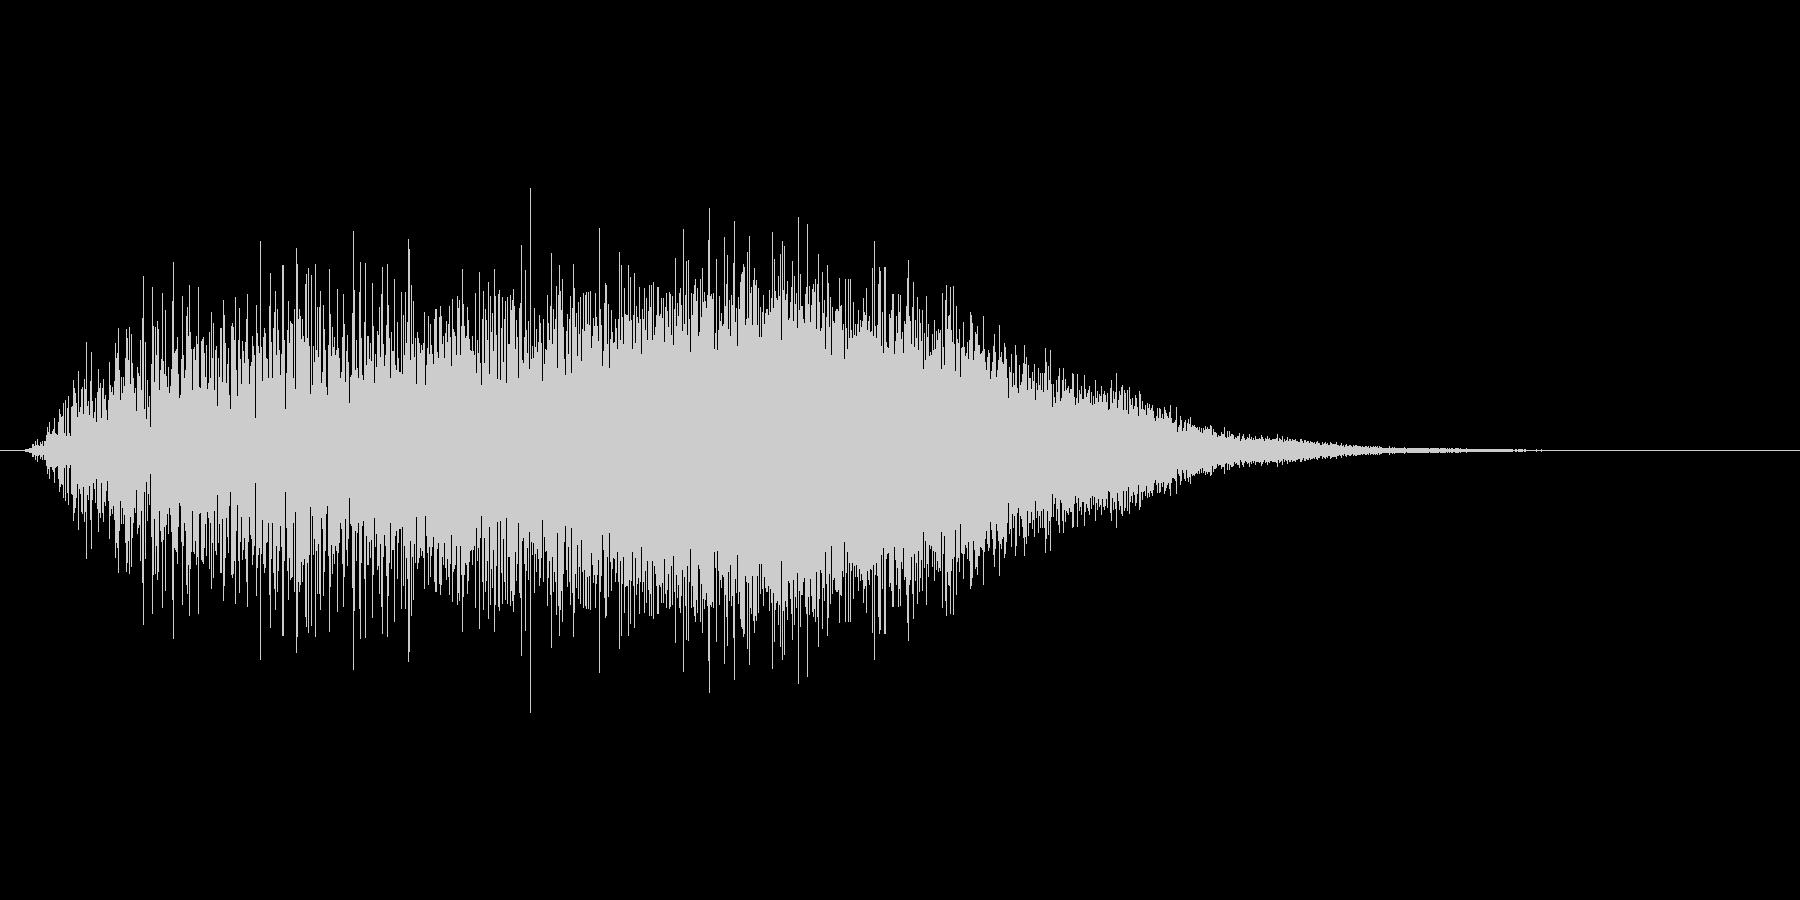 戦闘時のパラメーター強化音 上昇音の未再生の波形